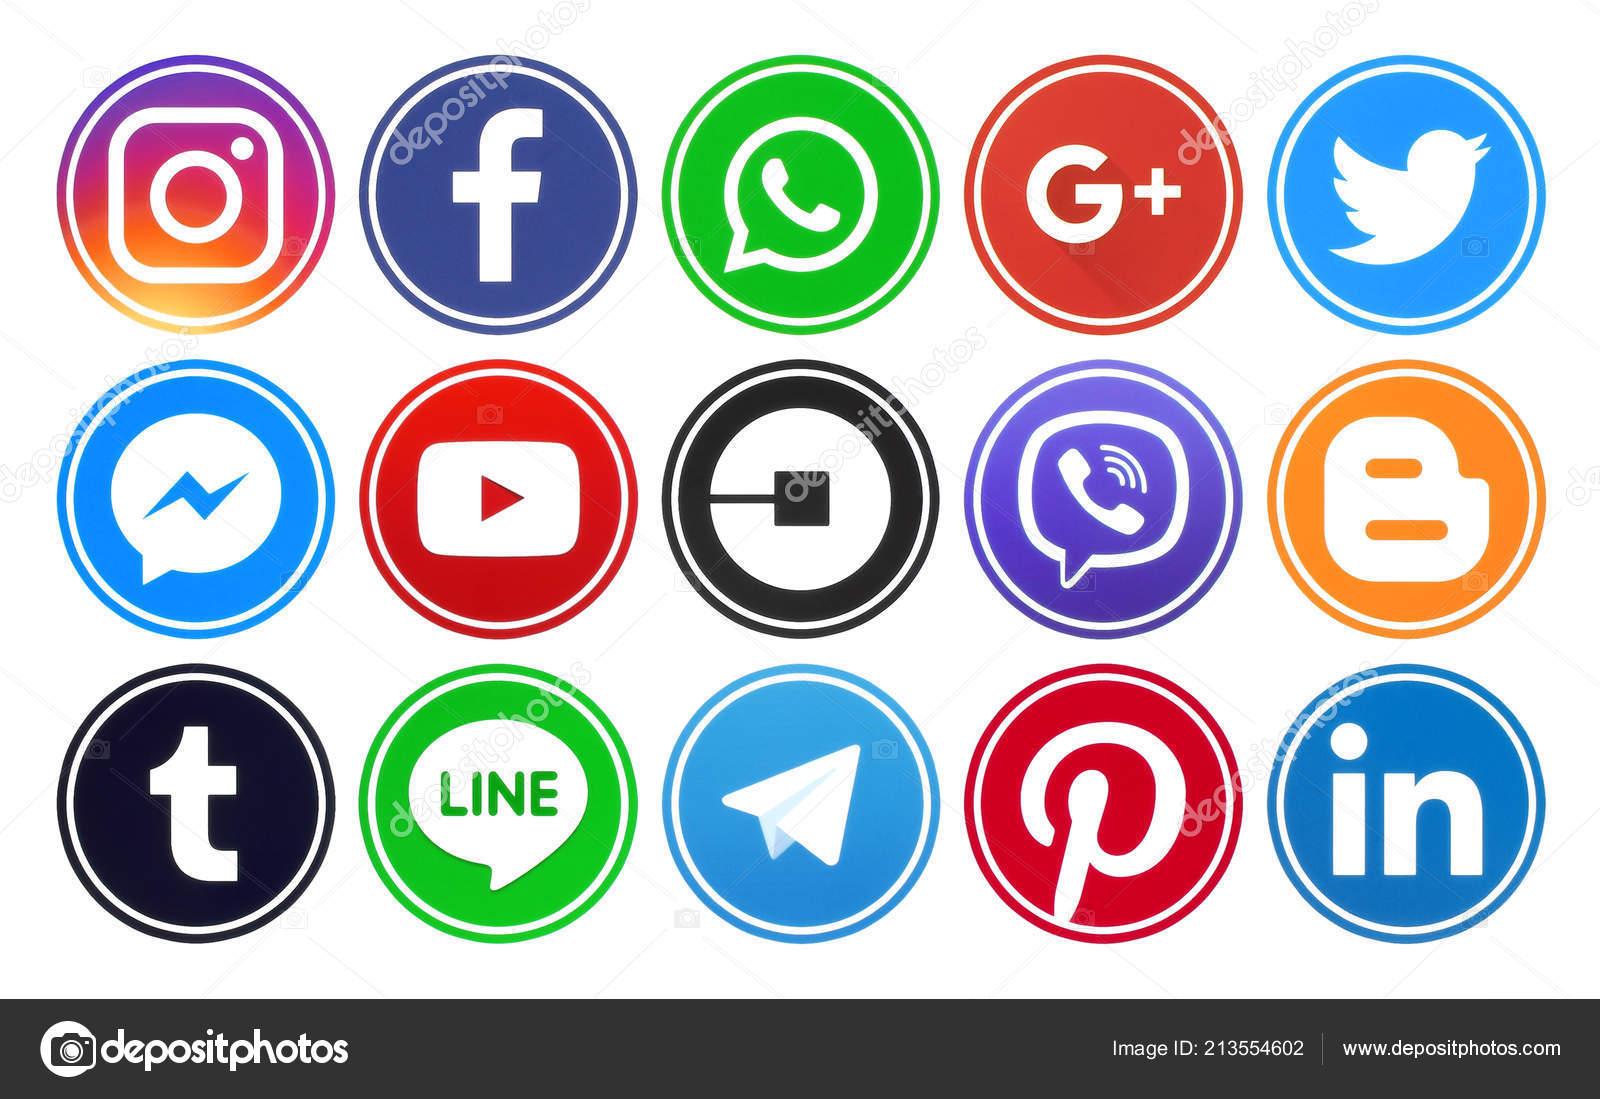 Kiev Ukraine June 2018 Popular Circle Social Media Icons Rim Stock